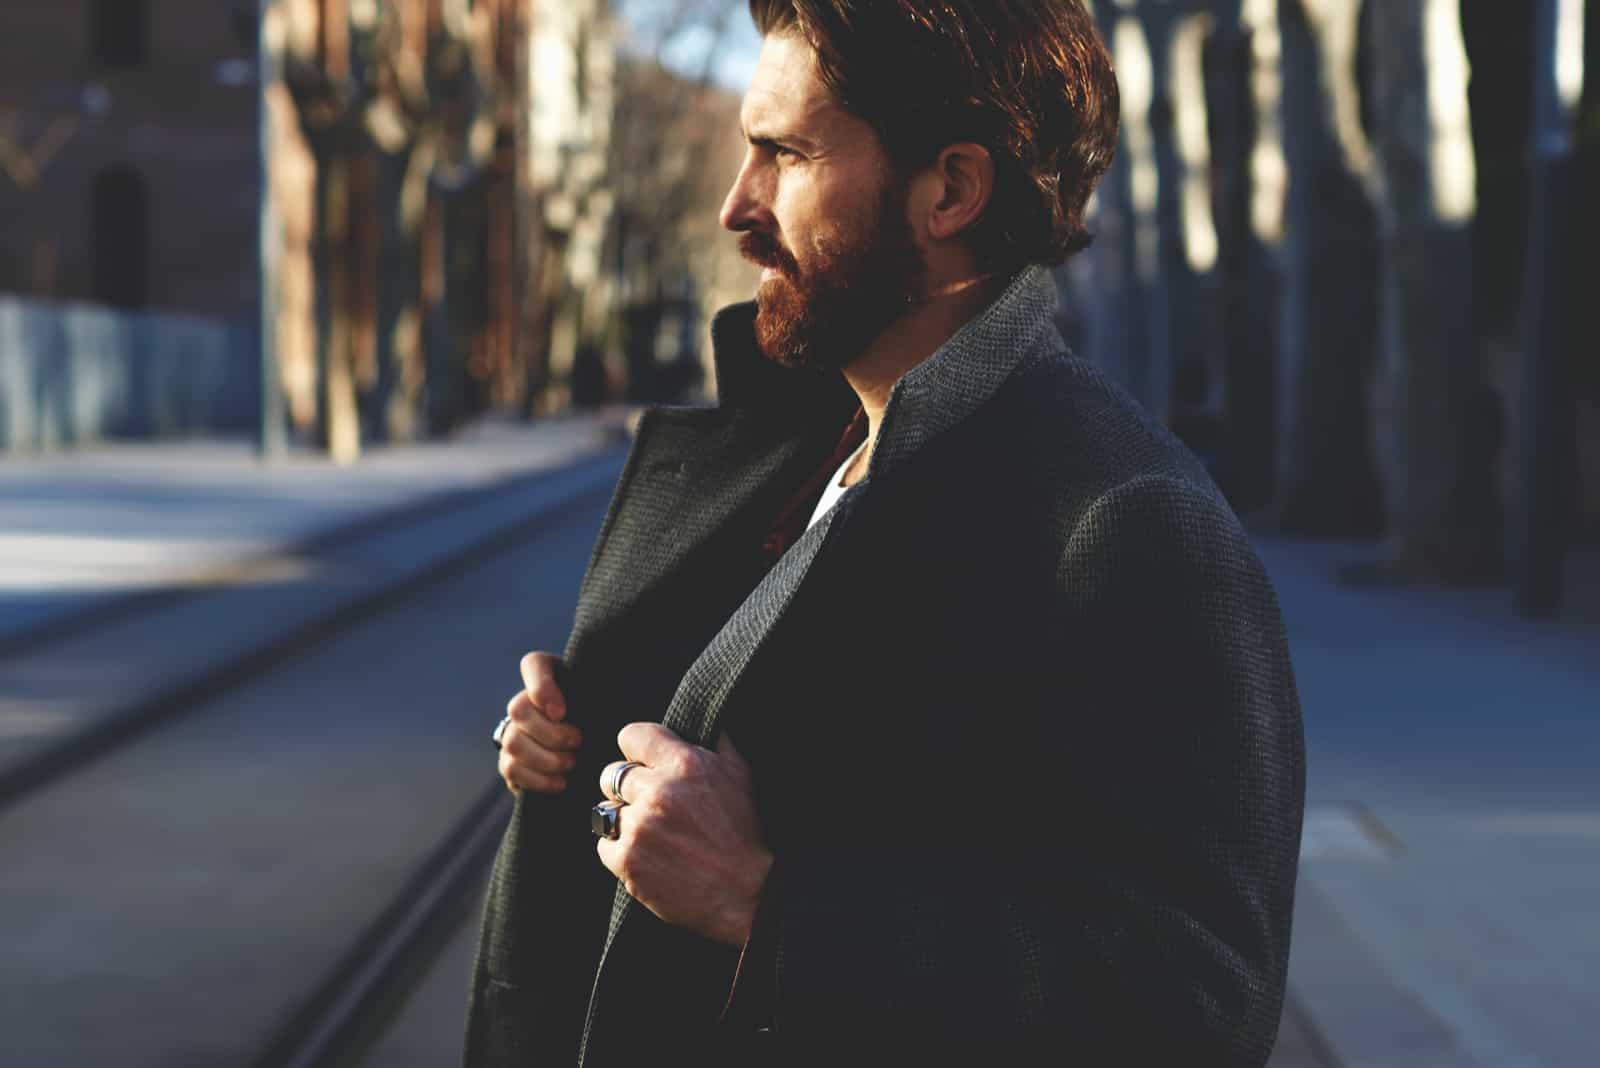 modischer gut gekleideter Mann mit Bart